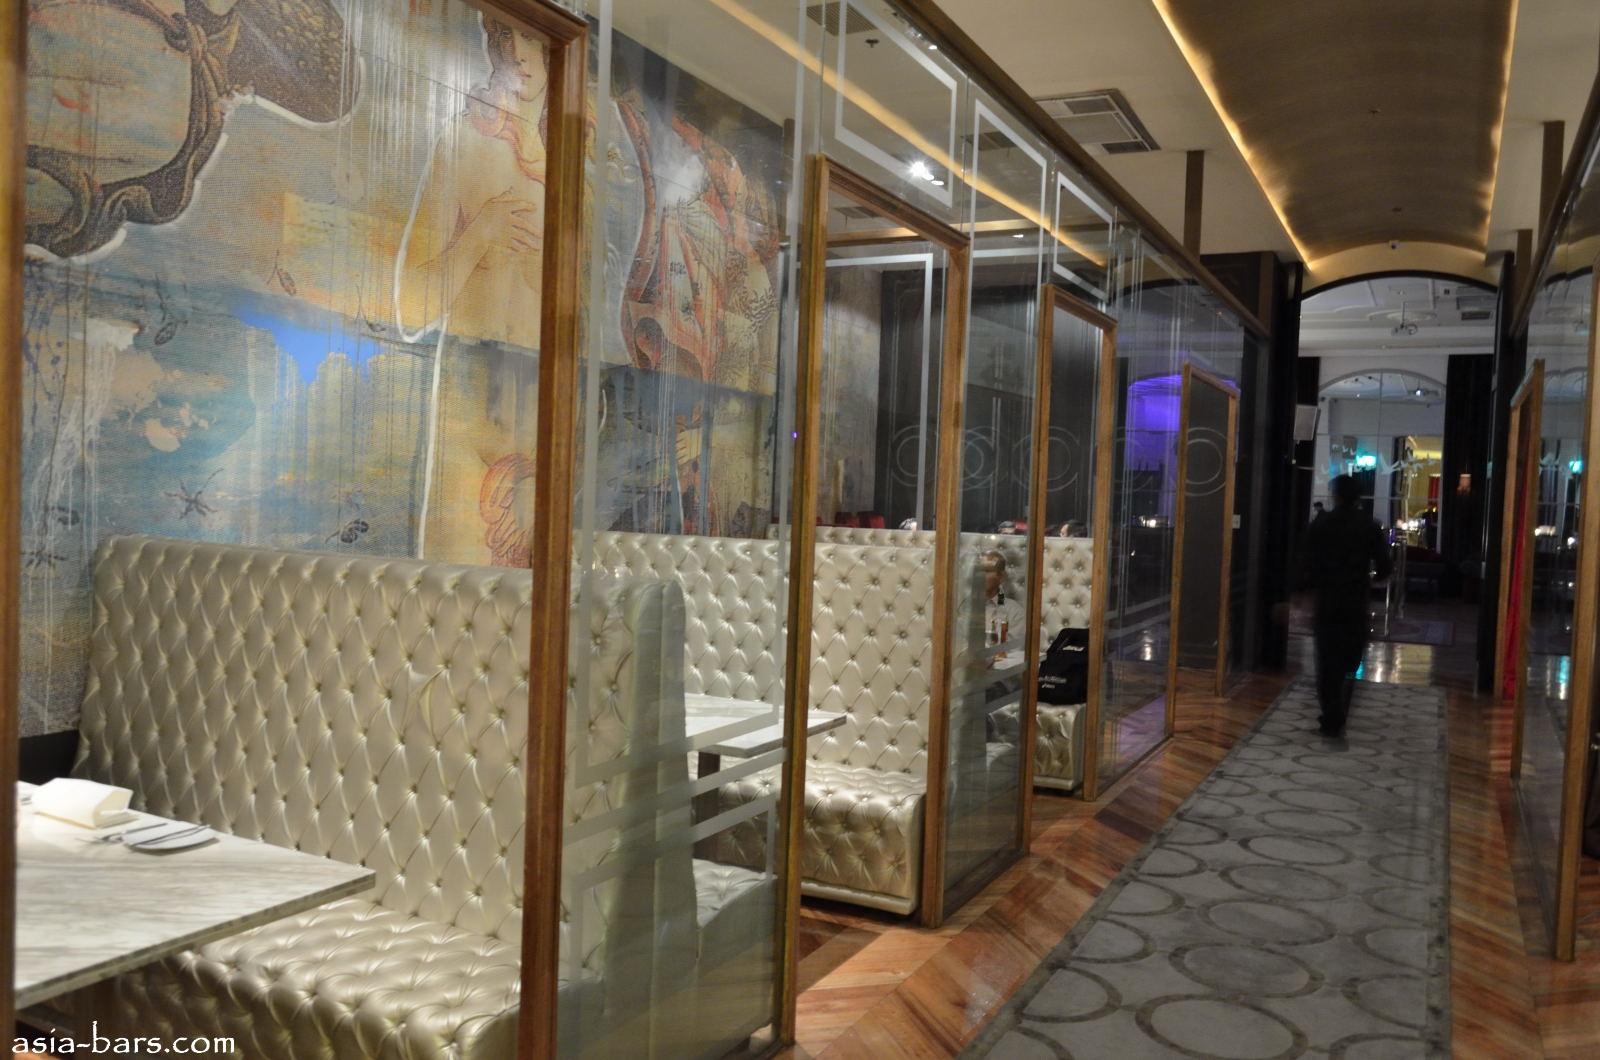 Y muebles de comedor opulentos (Mobiliario de comedor opulentos, Estos comedor opulento)